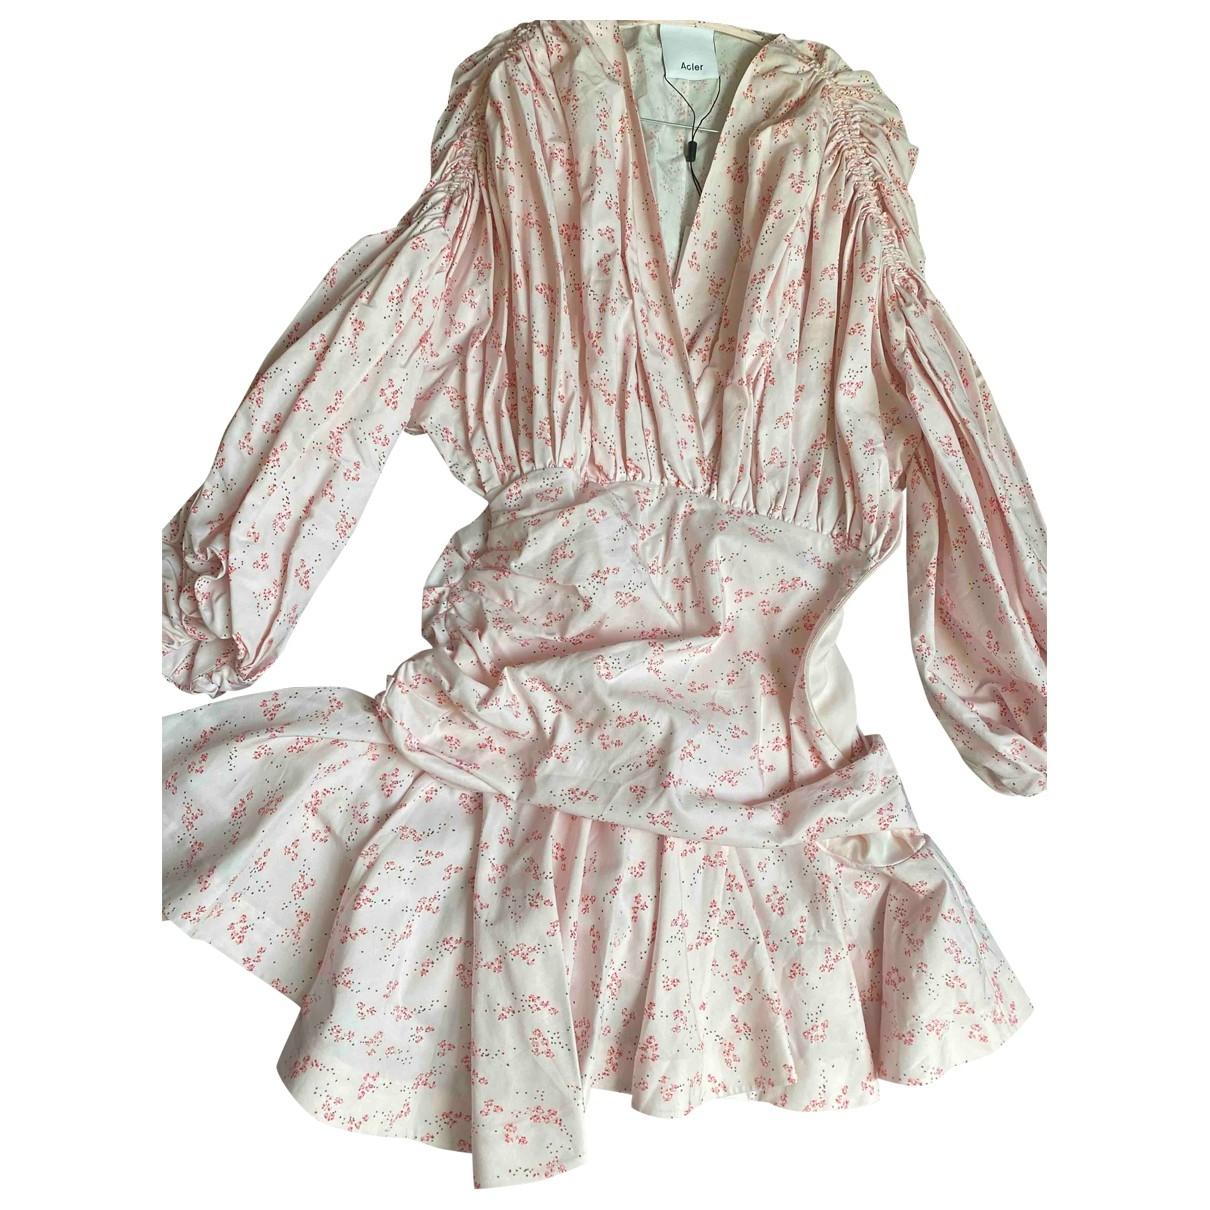 Acler - Robe   pour femme en coton - violet